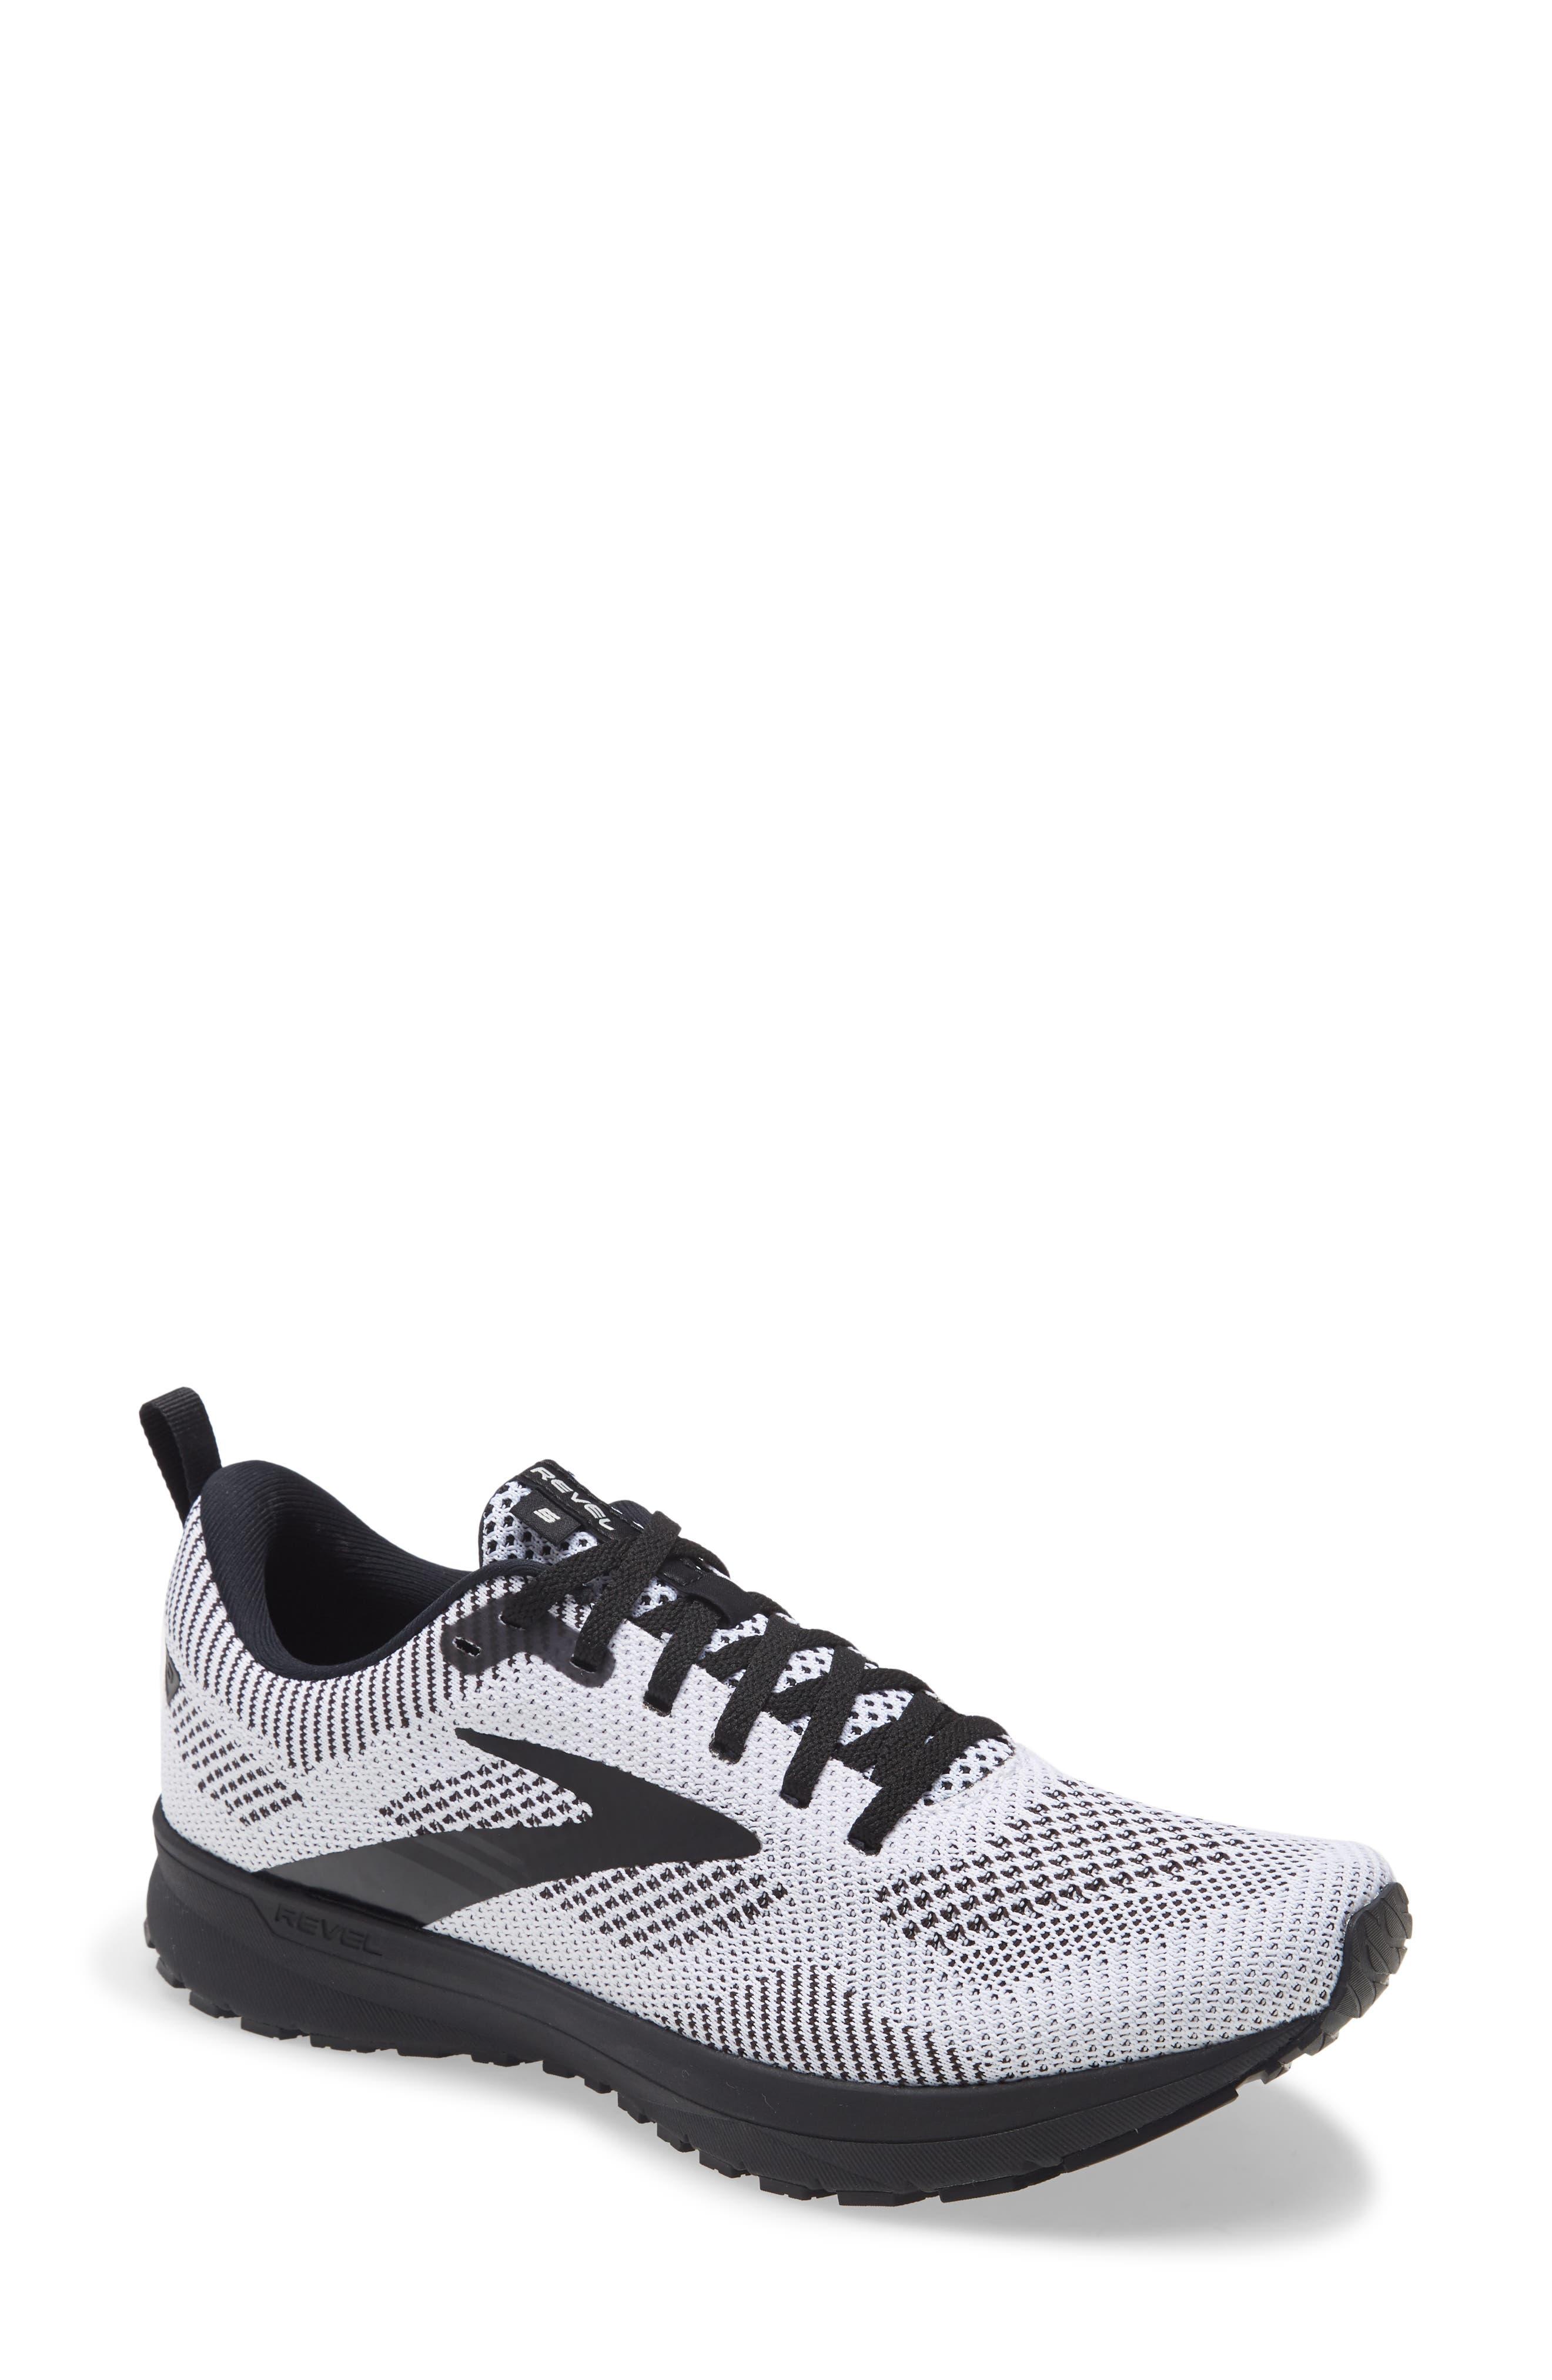 Revel 5 Hybrid Running Shoe